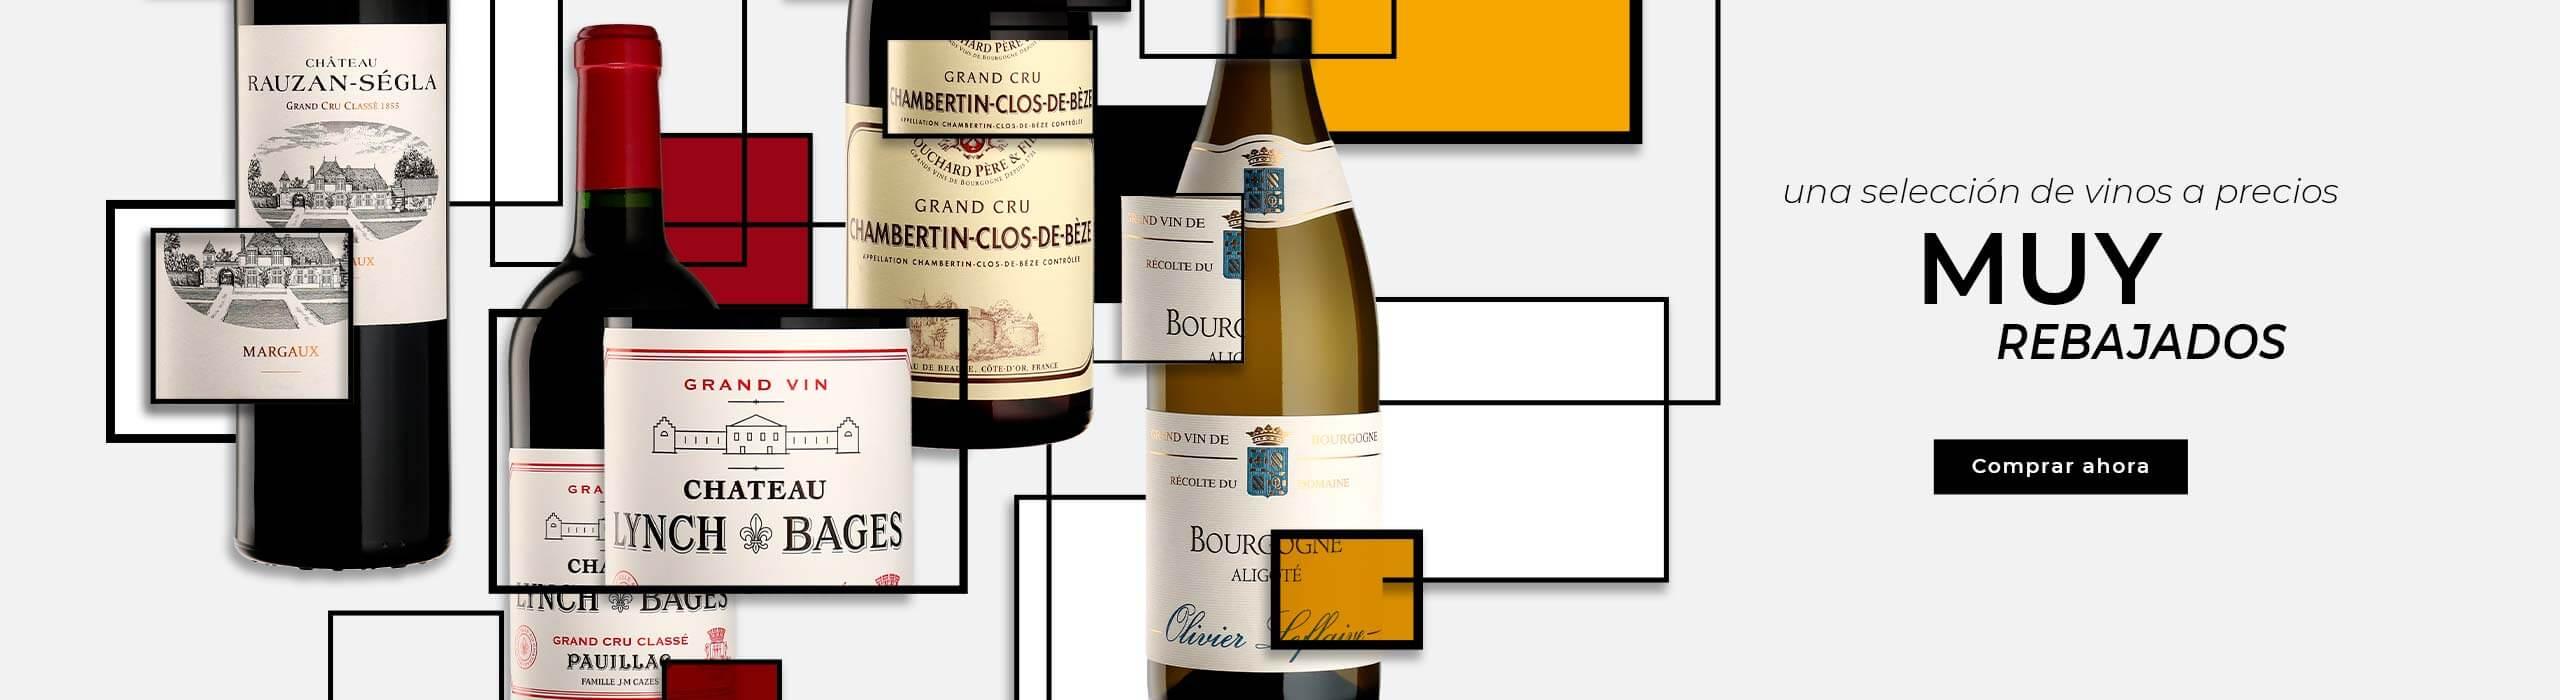 ¡Oferta especial : una selección de vinos a precios muy rebajados!